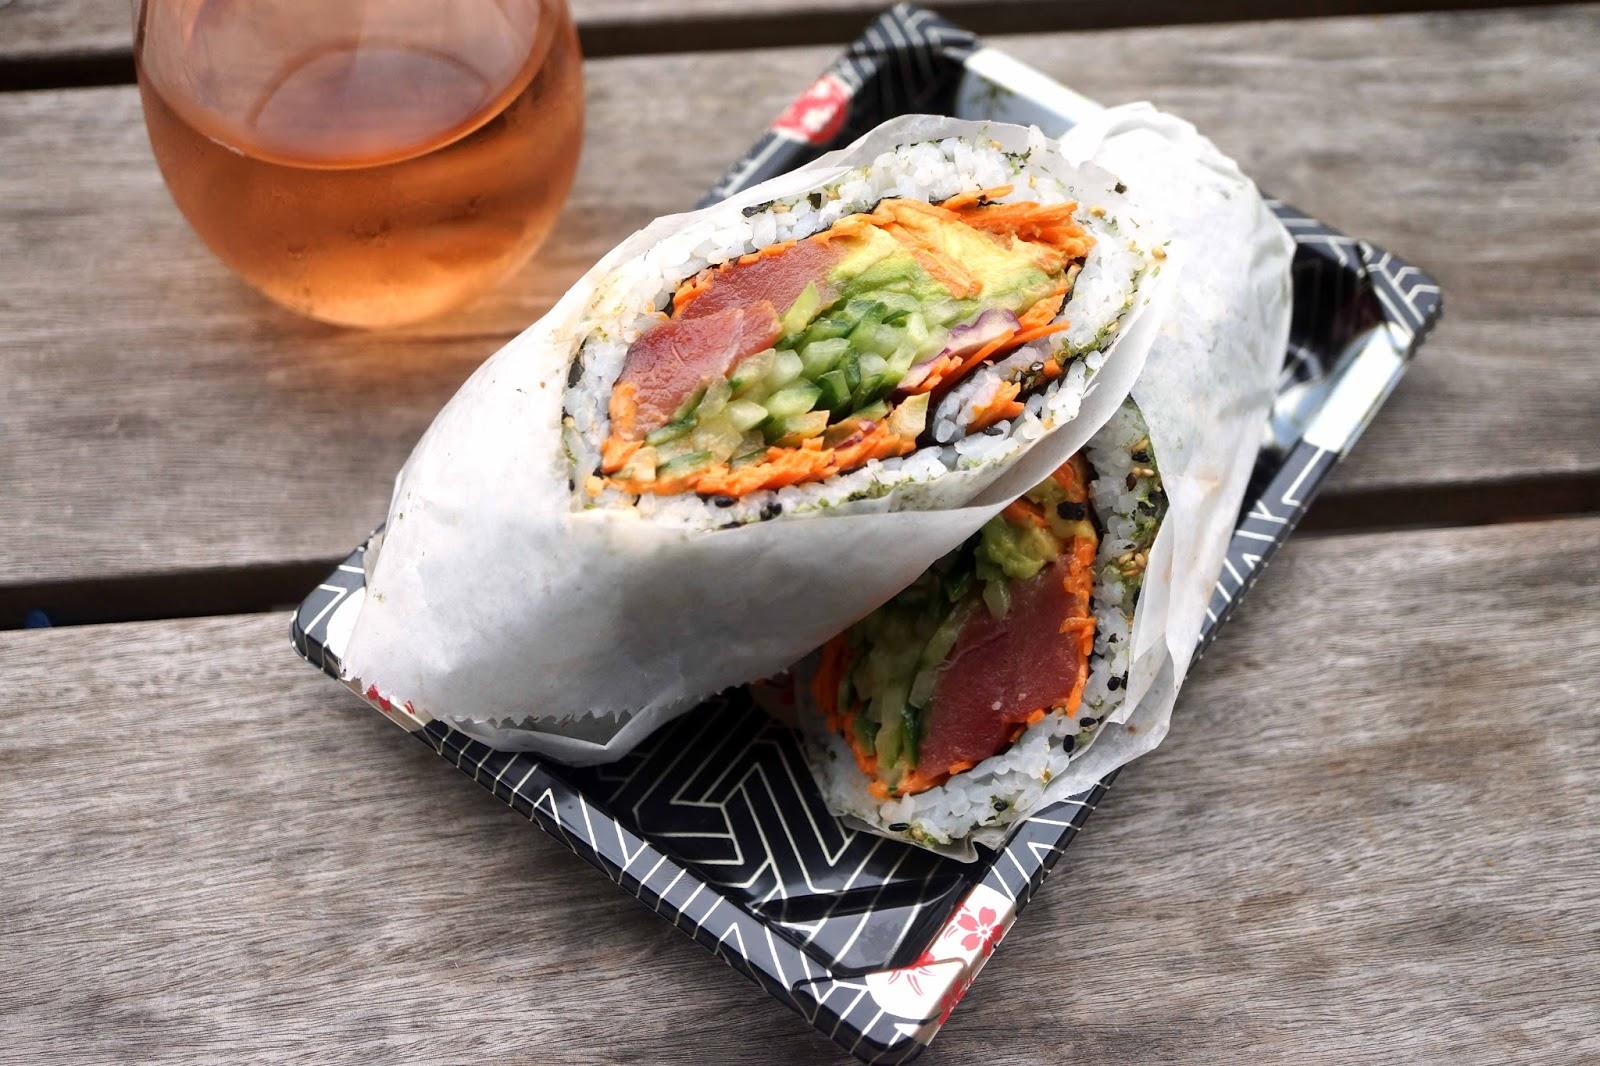 Whole Food Market Sushi Grade Tuna